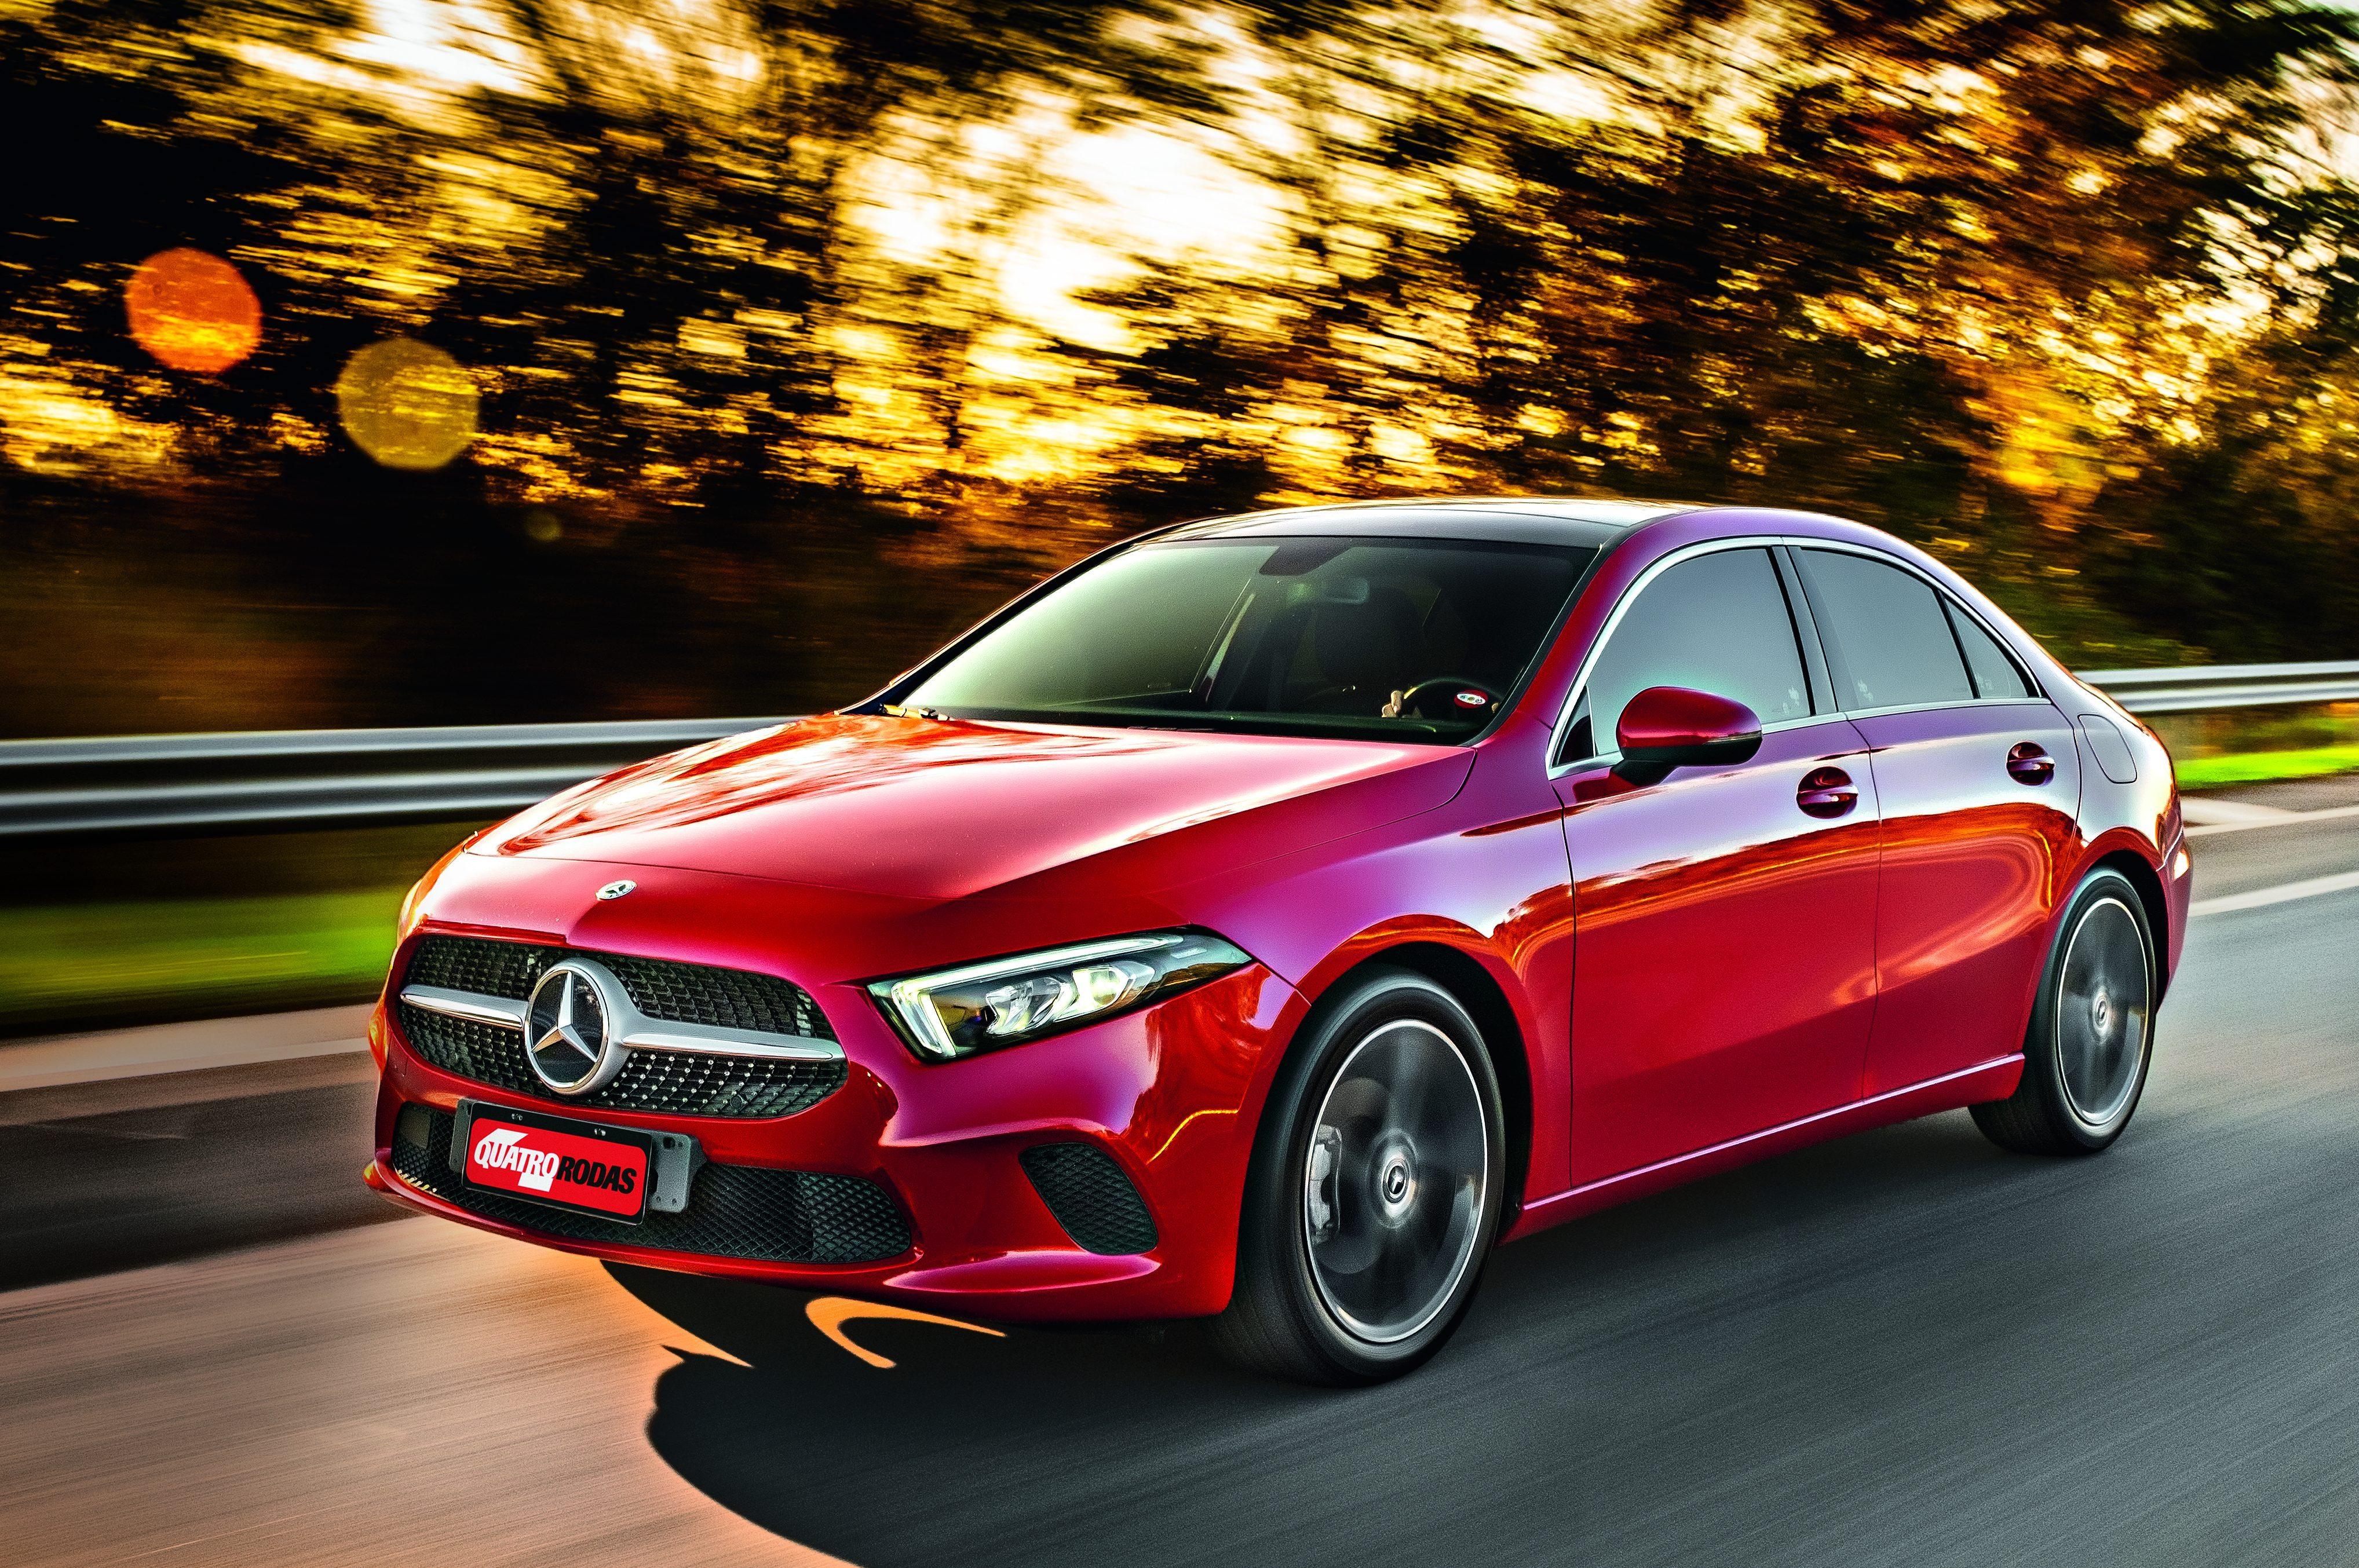 Teste: Mercedes-Benz A 200 traz prestígio e conteúdo em embalagem compacta